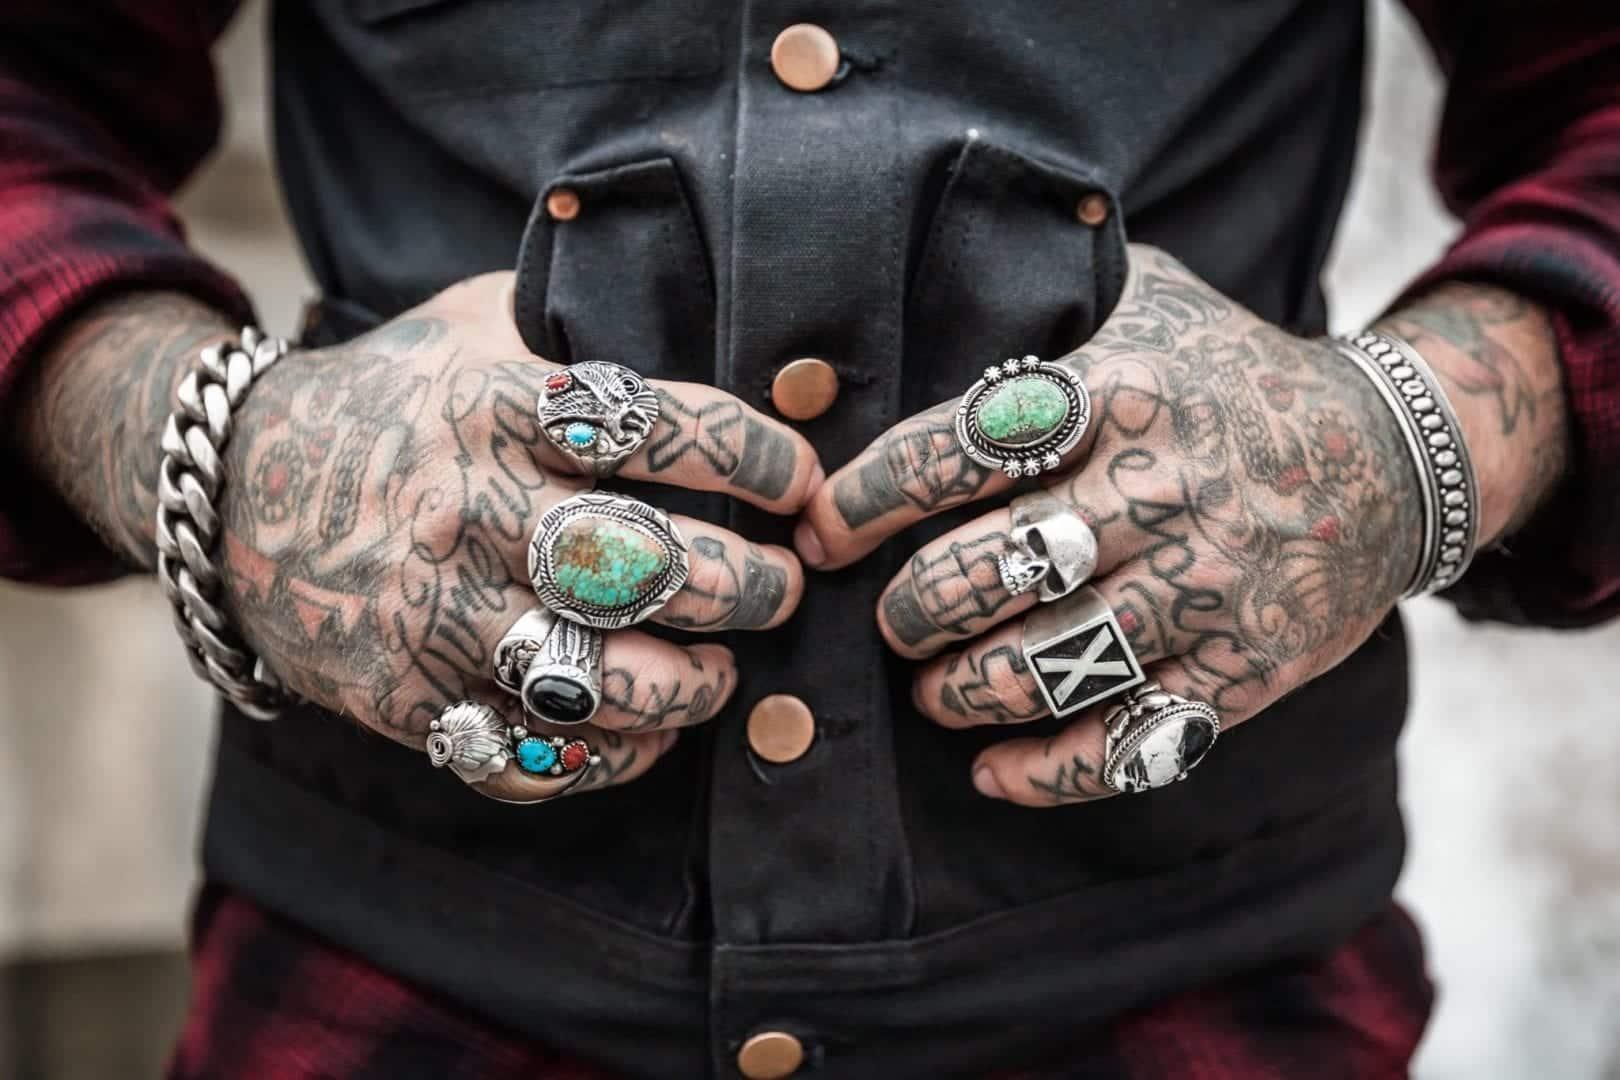 90 ideias de tatuagem na mão para quem quer uma tattoo nada óbvia